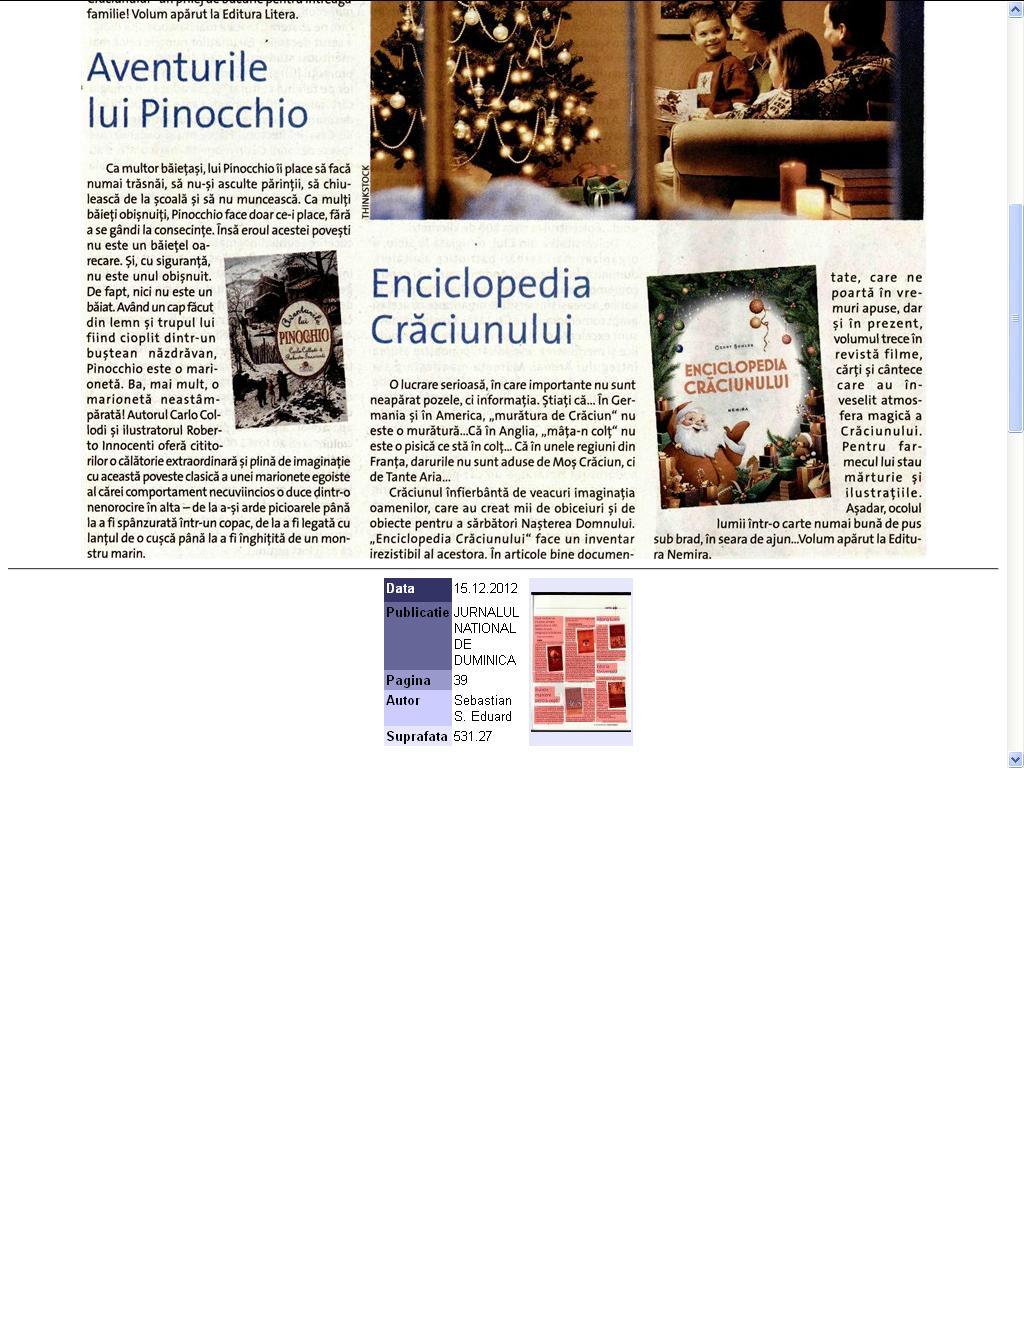 Enciclopedia Craciunului_Jurnalul National de Duminica